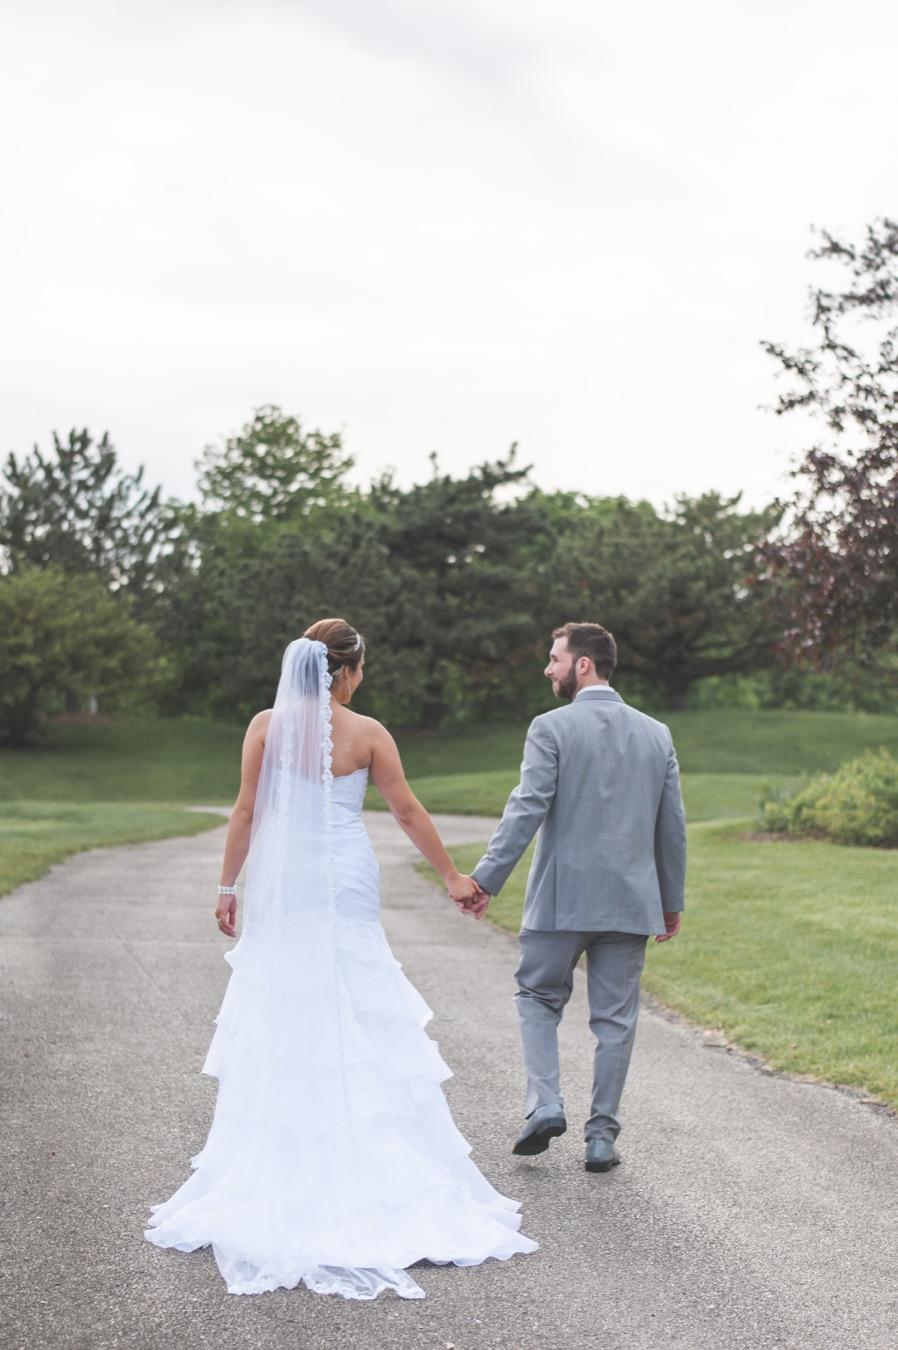 20140524173544Chicago_wedding_St_Christina_Church_Ruffled_feathers_golf_club.jpg